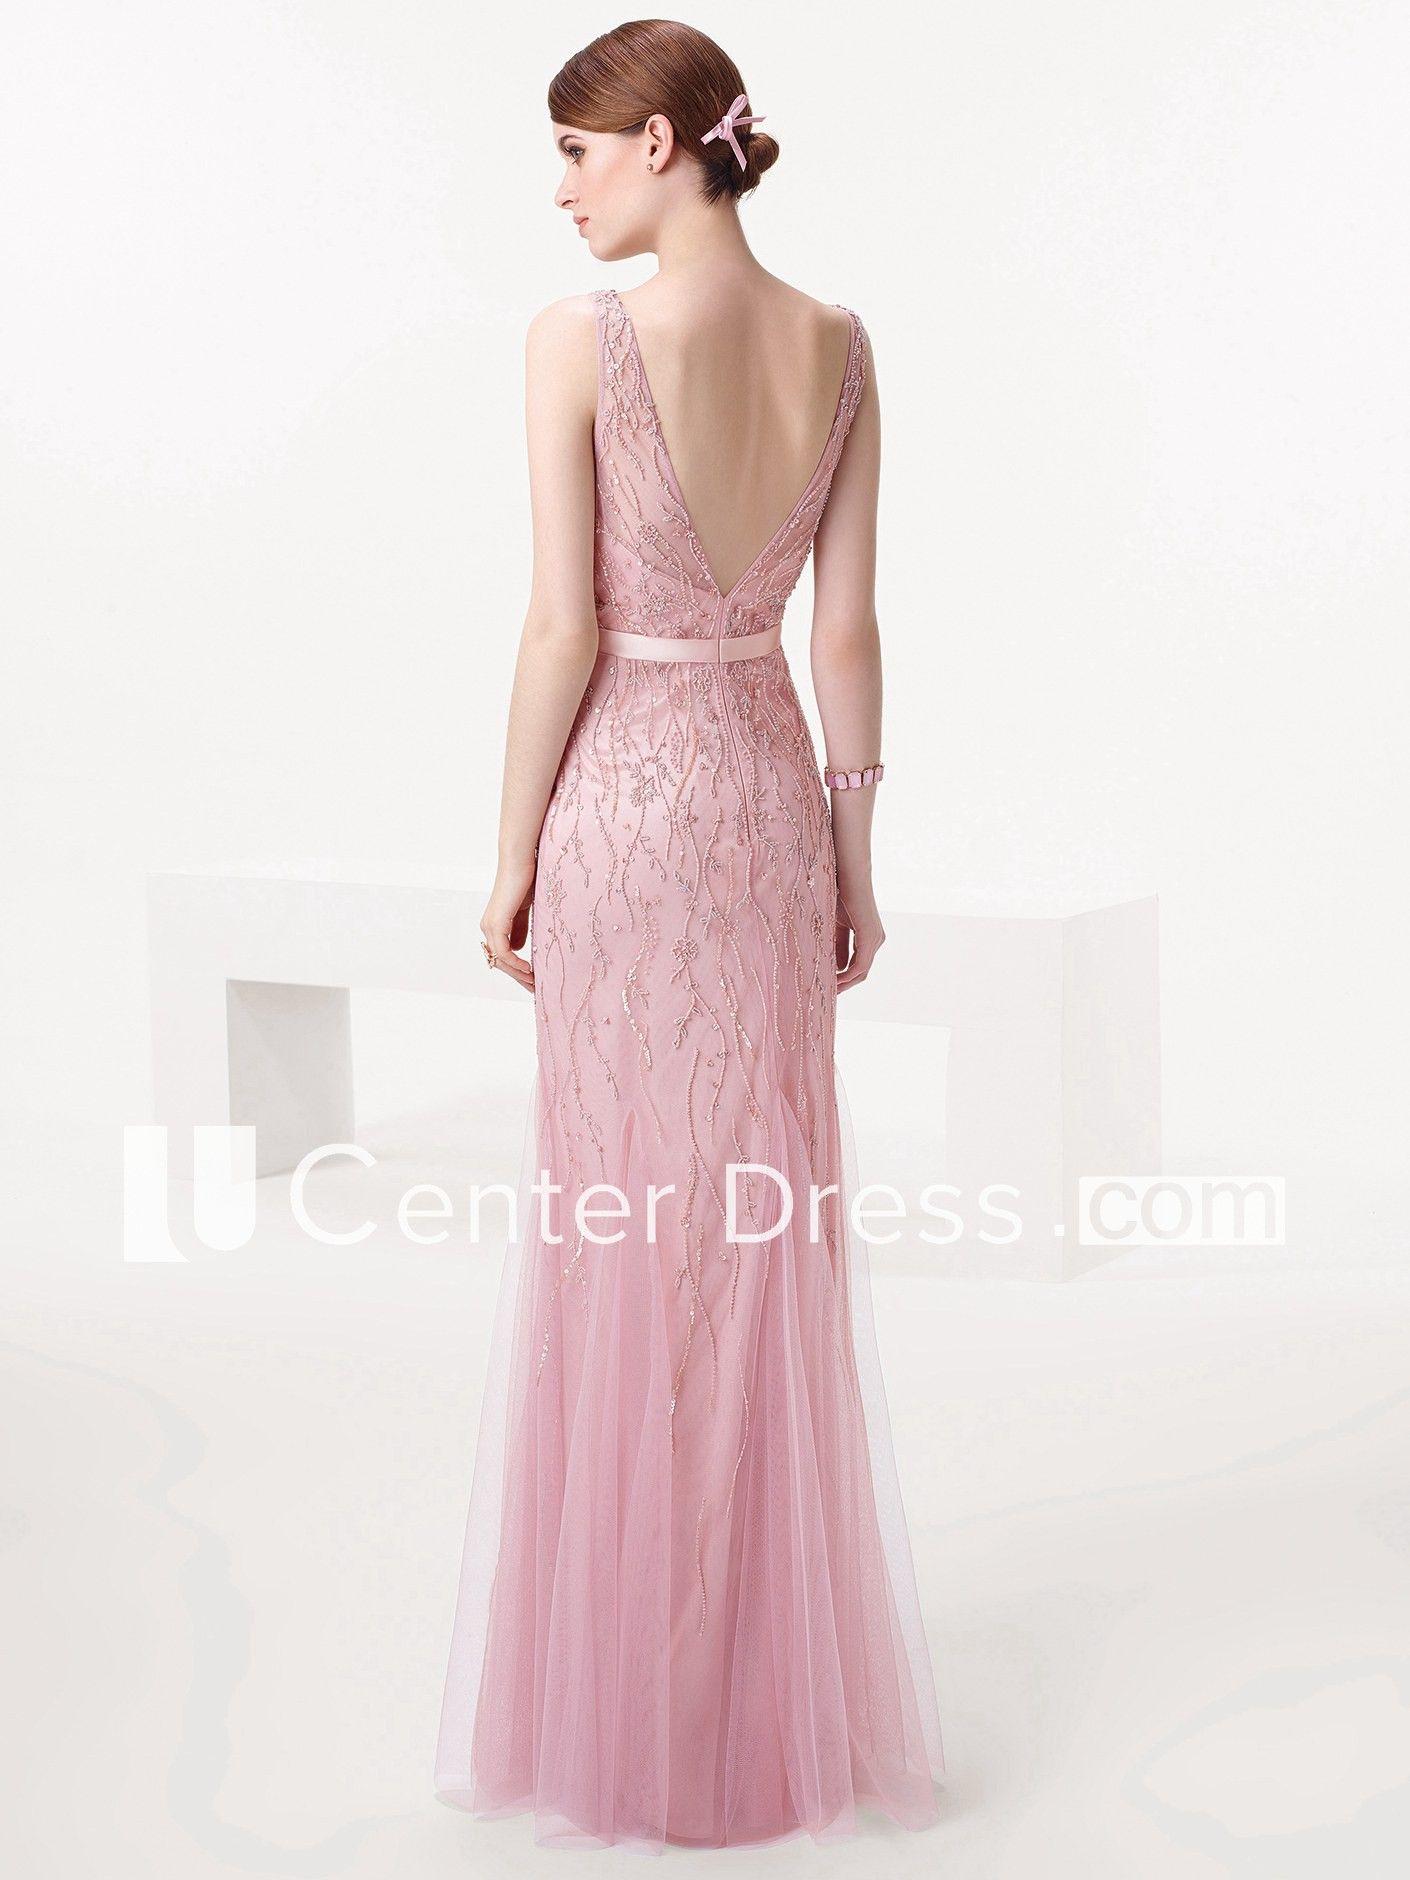 c5d7b8885c32 Sheath Sleeveless Floor-Length Beaded V-Neck Tulle Prom Dress in 2019